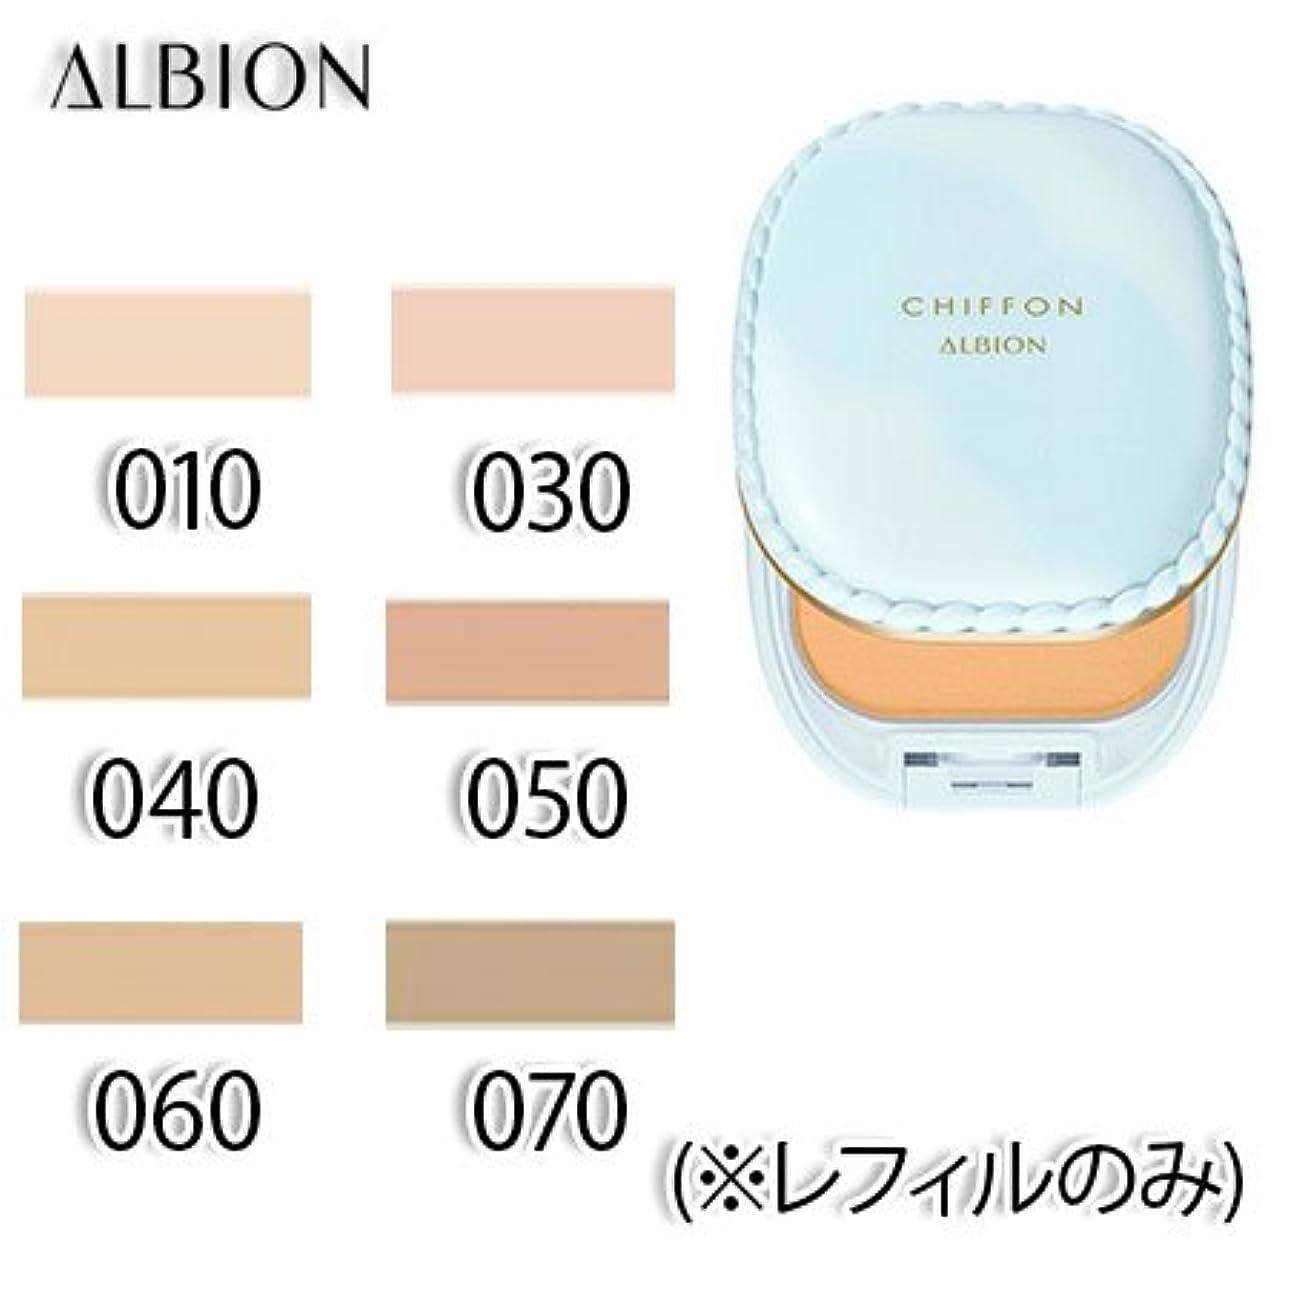 実業家乱闘伝統的アルビオン スノー ホワイト シフォン 全6色 SPF25?PA++ 10g (レフィルのみ) -ALBION- 050